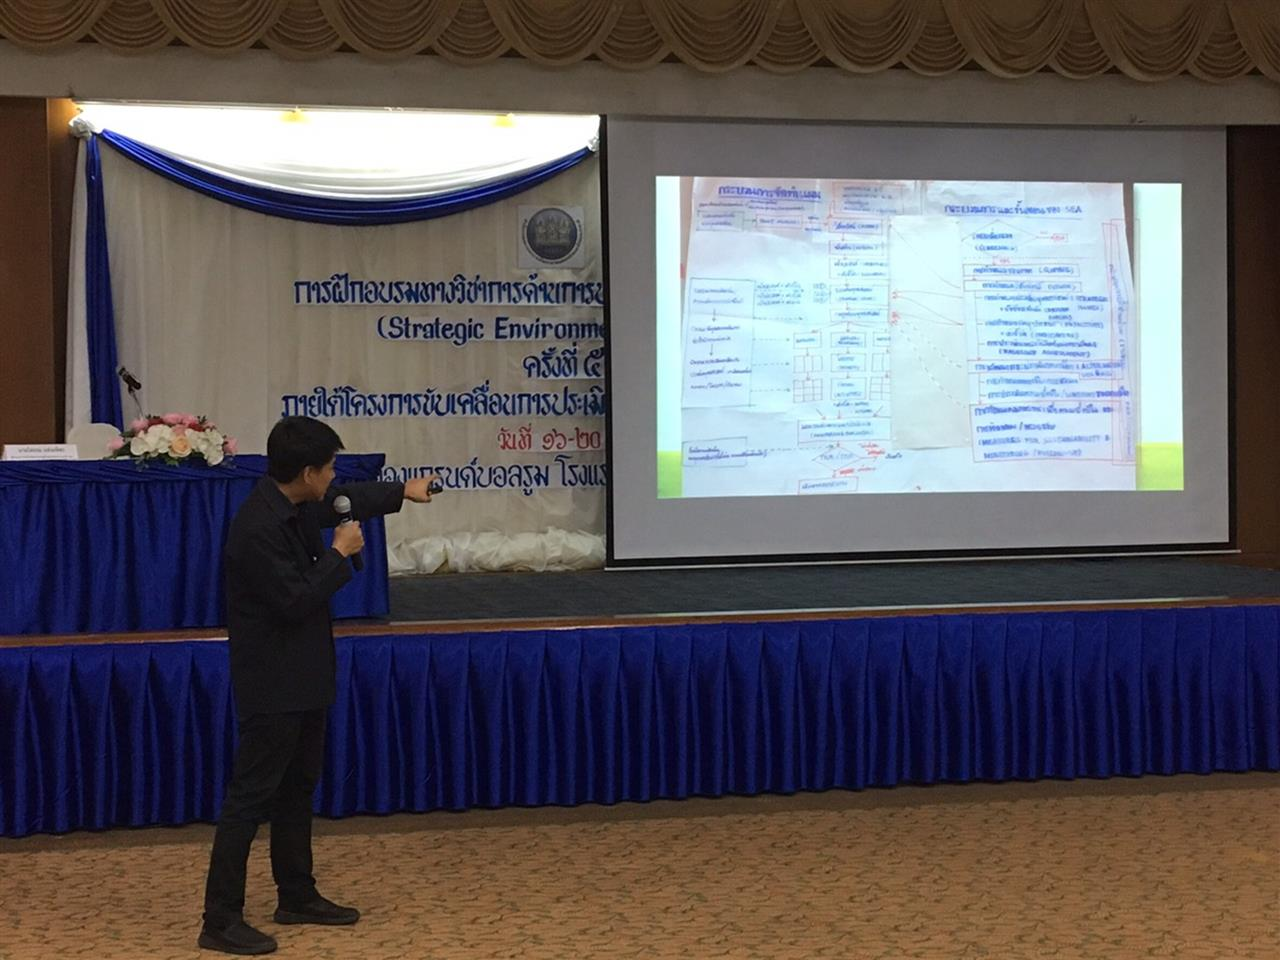 อาจารย์ SEEN เข้าร่วมประชุมฝึกอบรมปฏิบัติด้านการประเมินสิ่งแวดล้อมระดับยุทธศาสตร์ (Strategic Environmental Assessment: SEA) ครั้งที่ 5